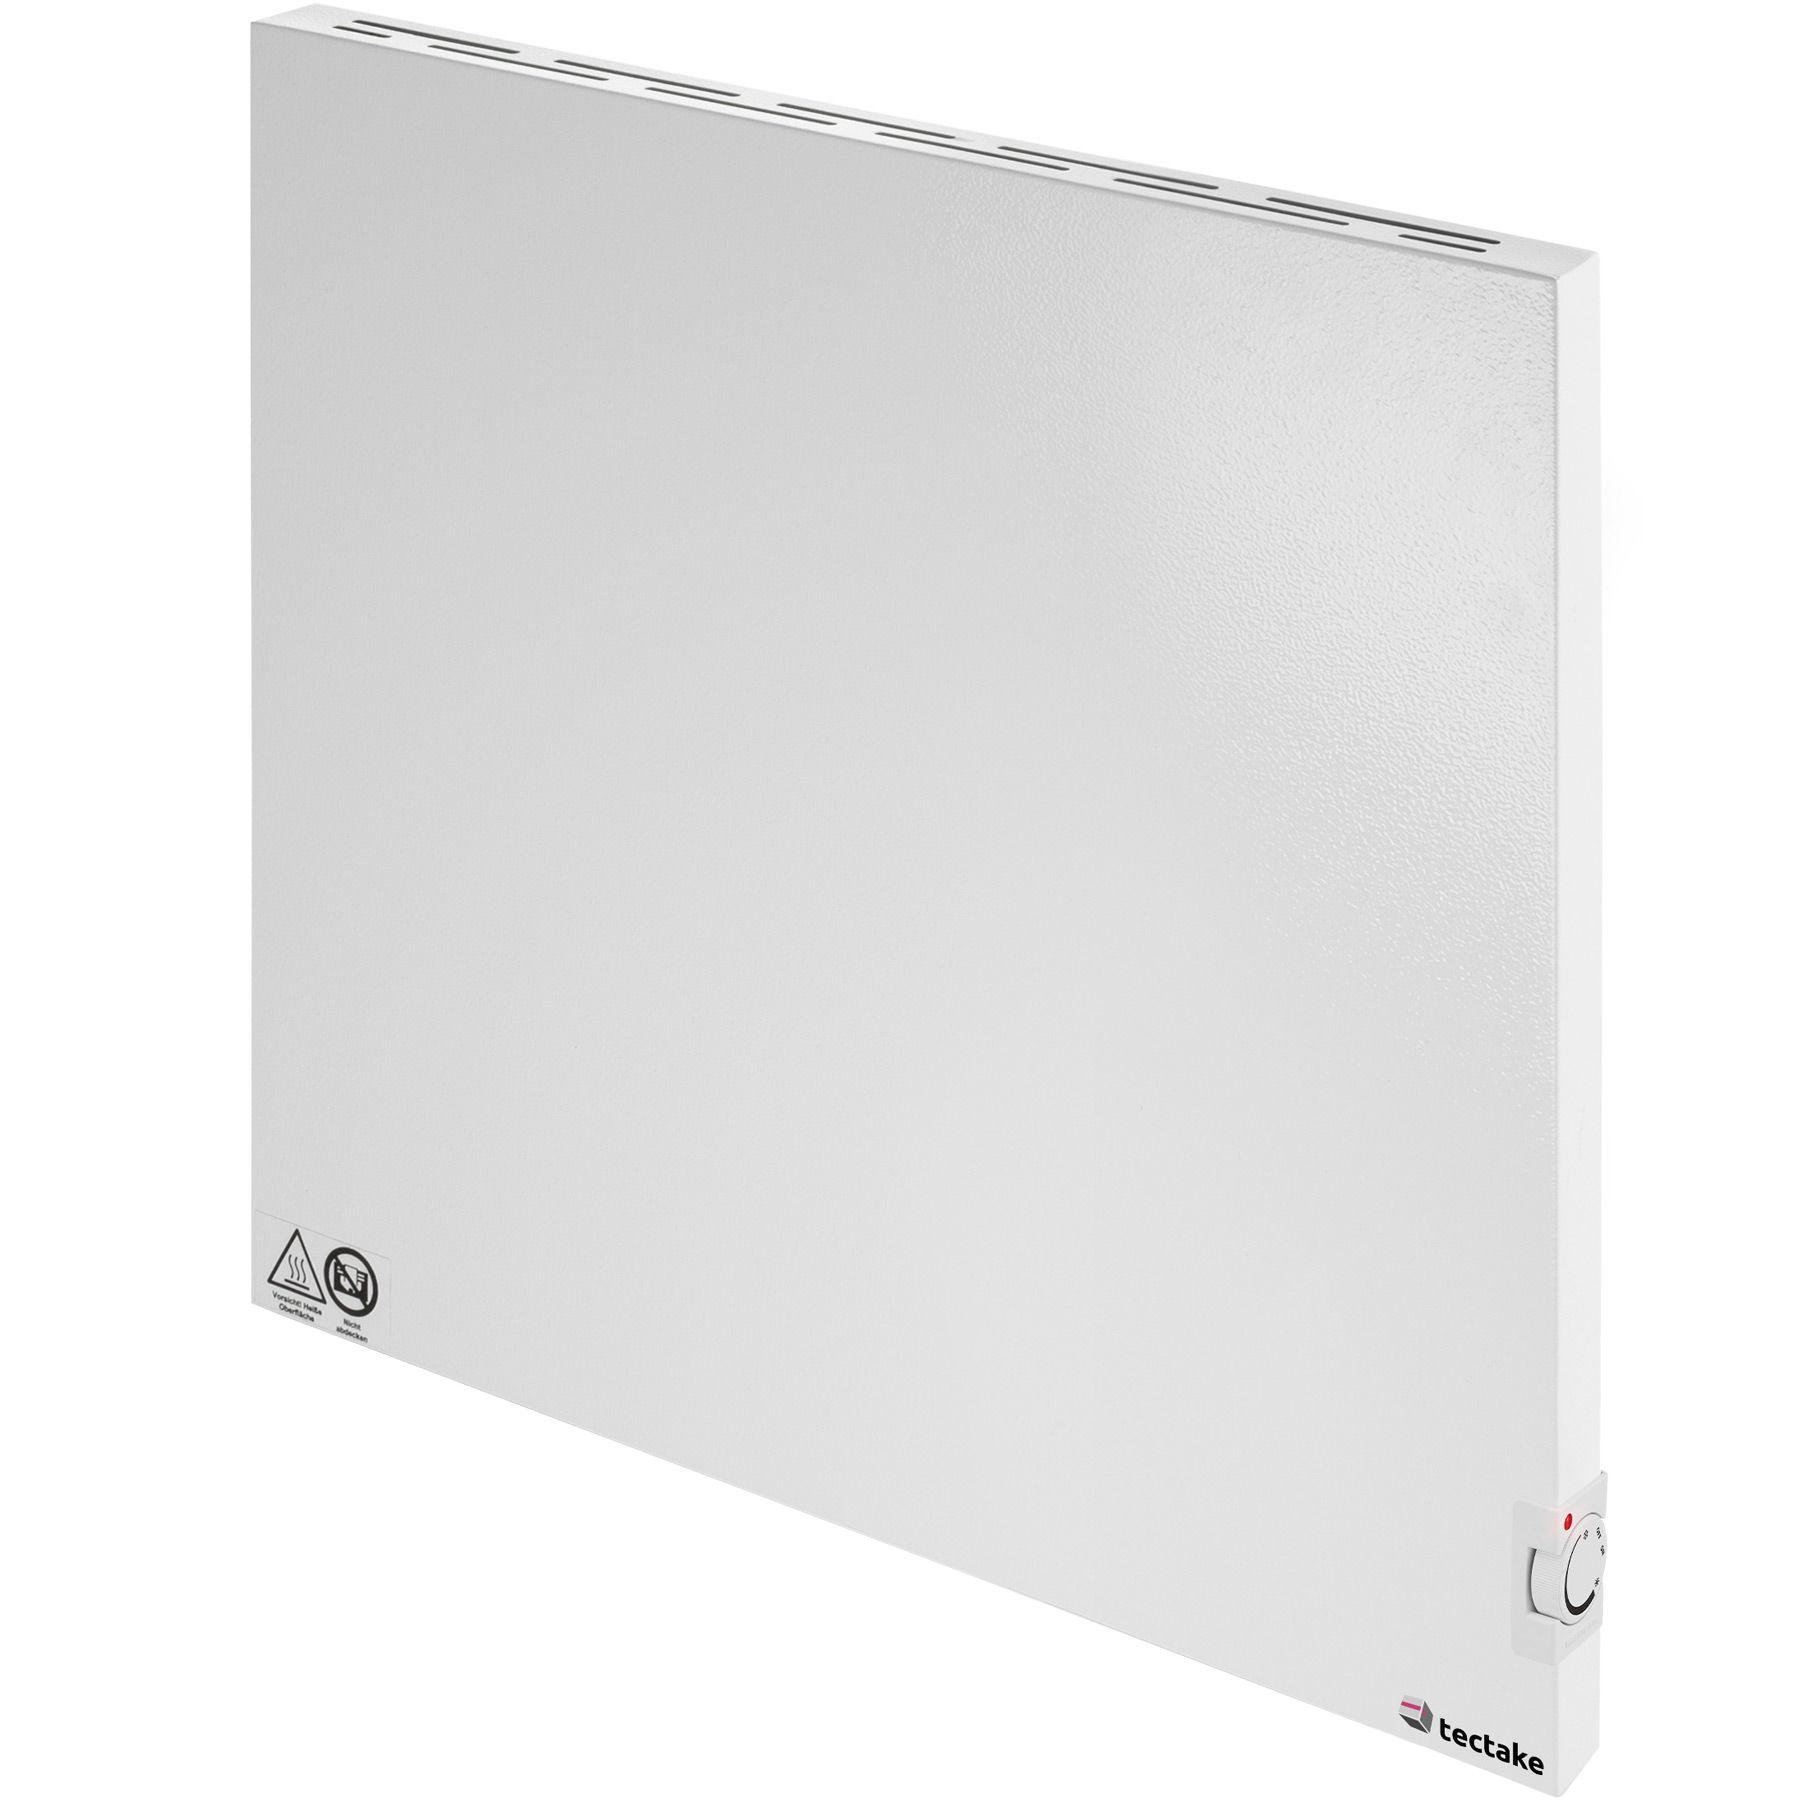 Pannelli Radianti Al Posto Dei Termosifoni dettagli su pannello radiante rriscaldamento infrarosso radiatore  termostato hybrid 600w